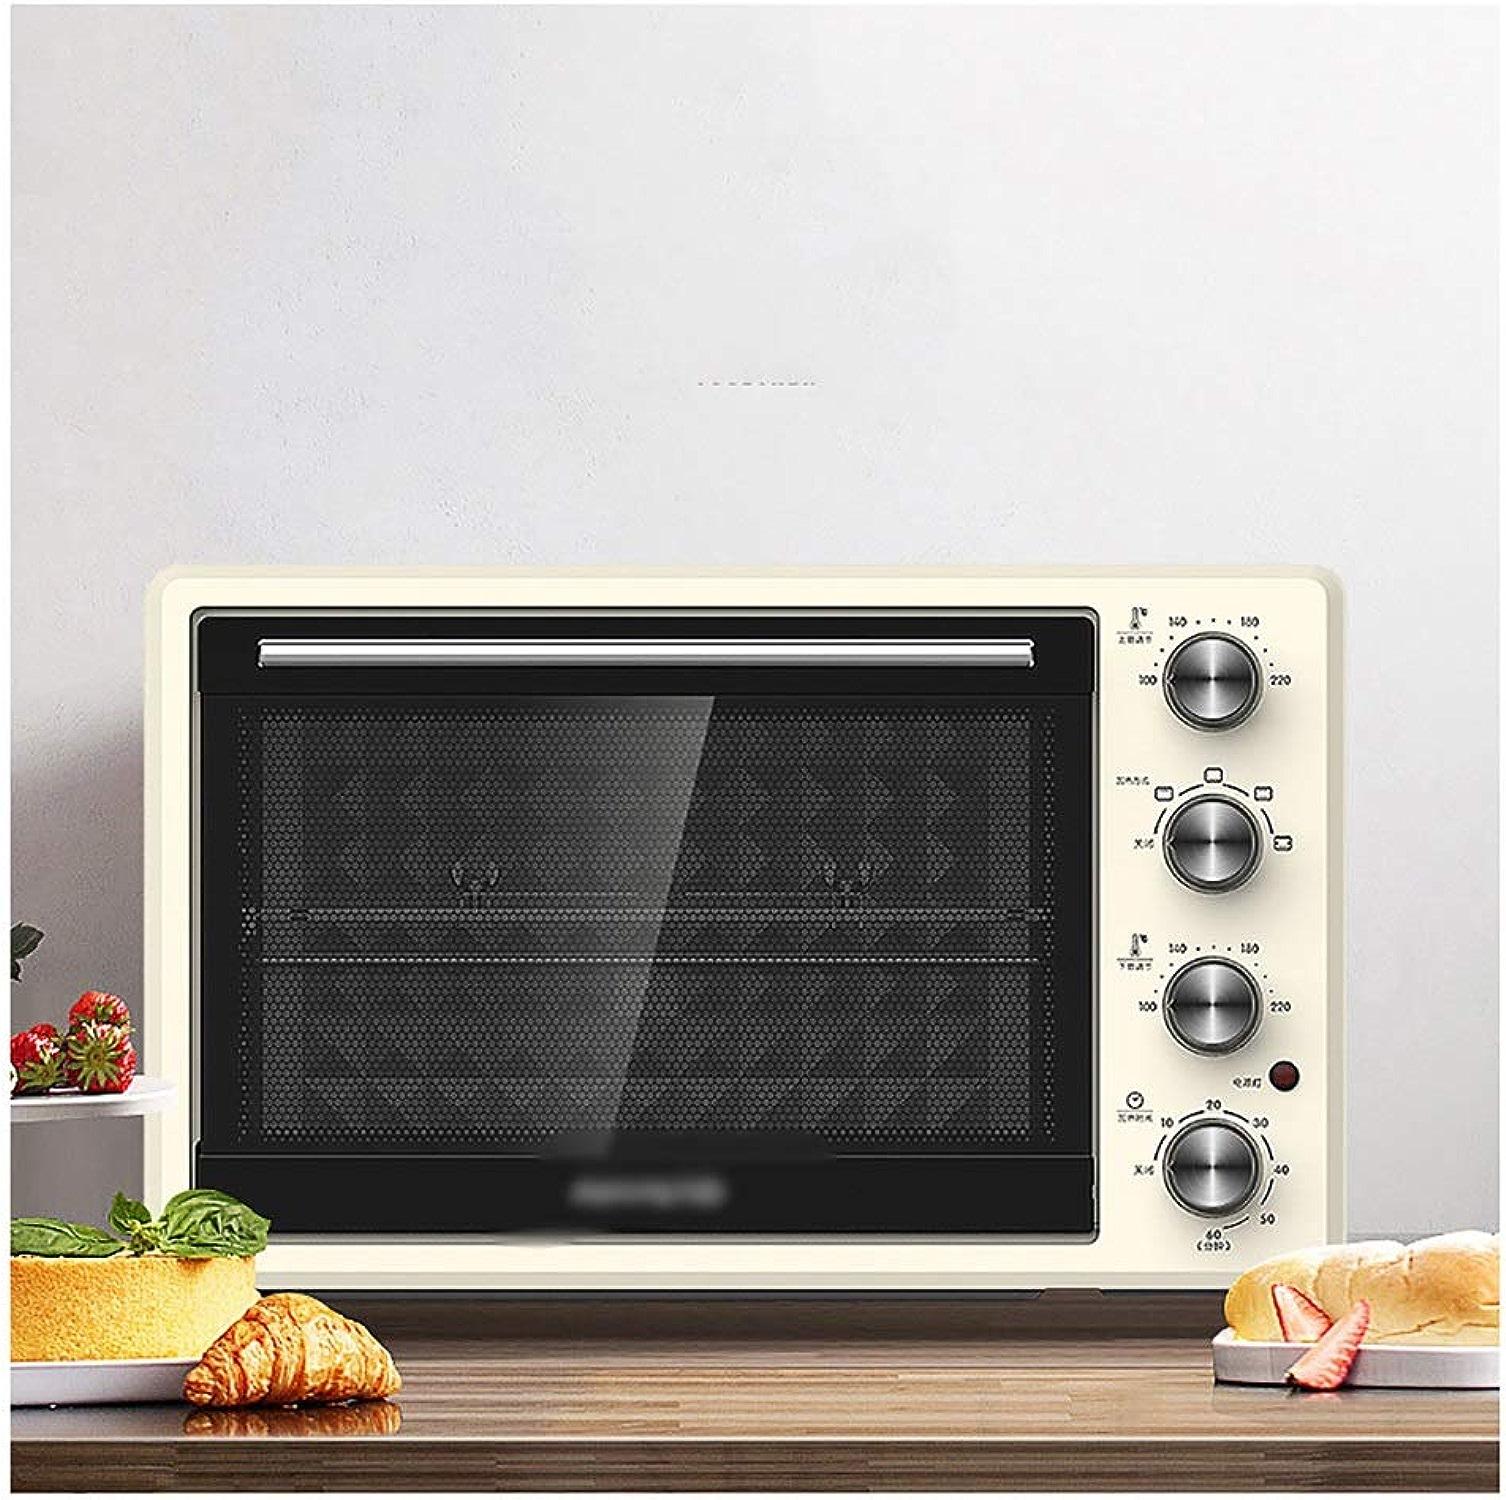 THOR-BEI Four et Grille électriques Ovens-32L 1500W, avec Fonctions de Cuisson Multiples, Contrôle de la température et minuterie réglables -19 Four